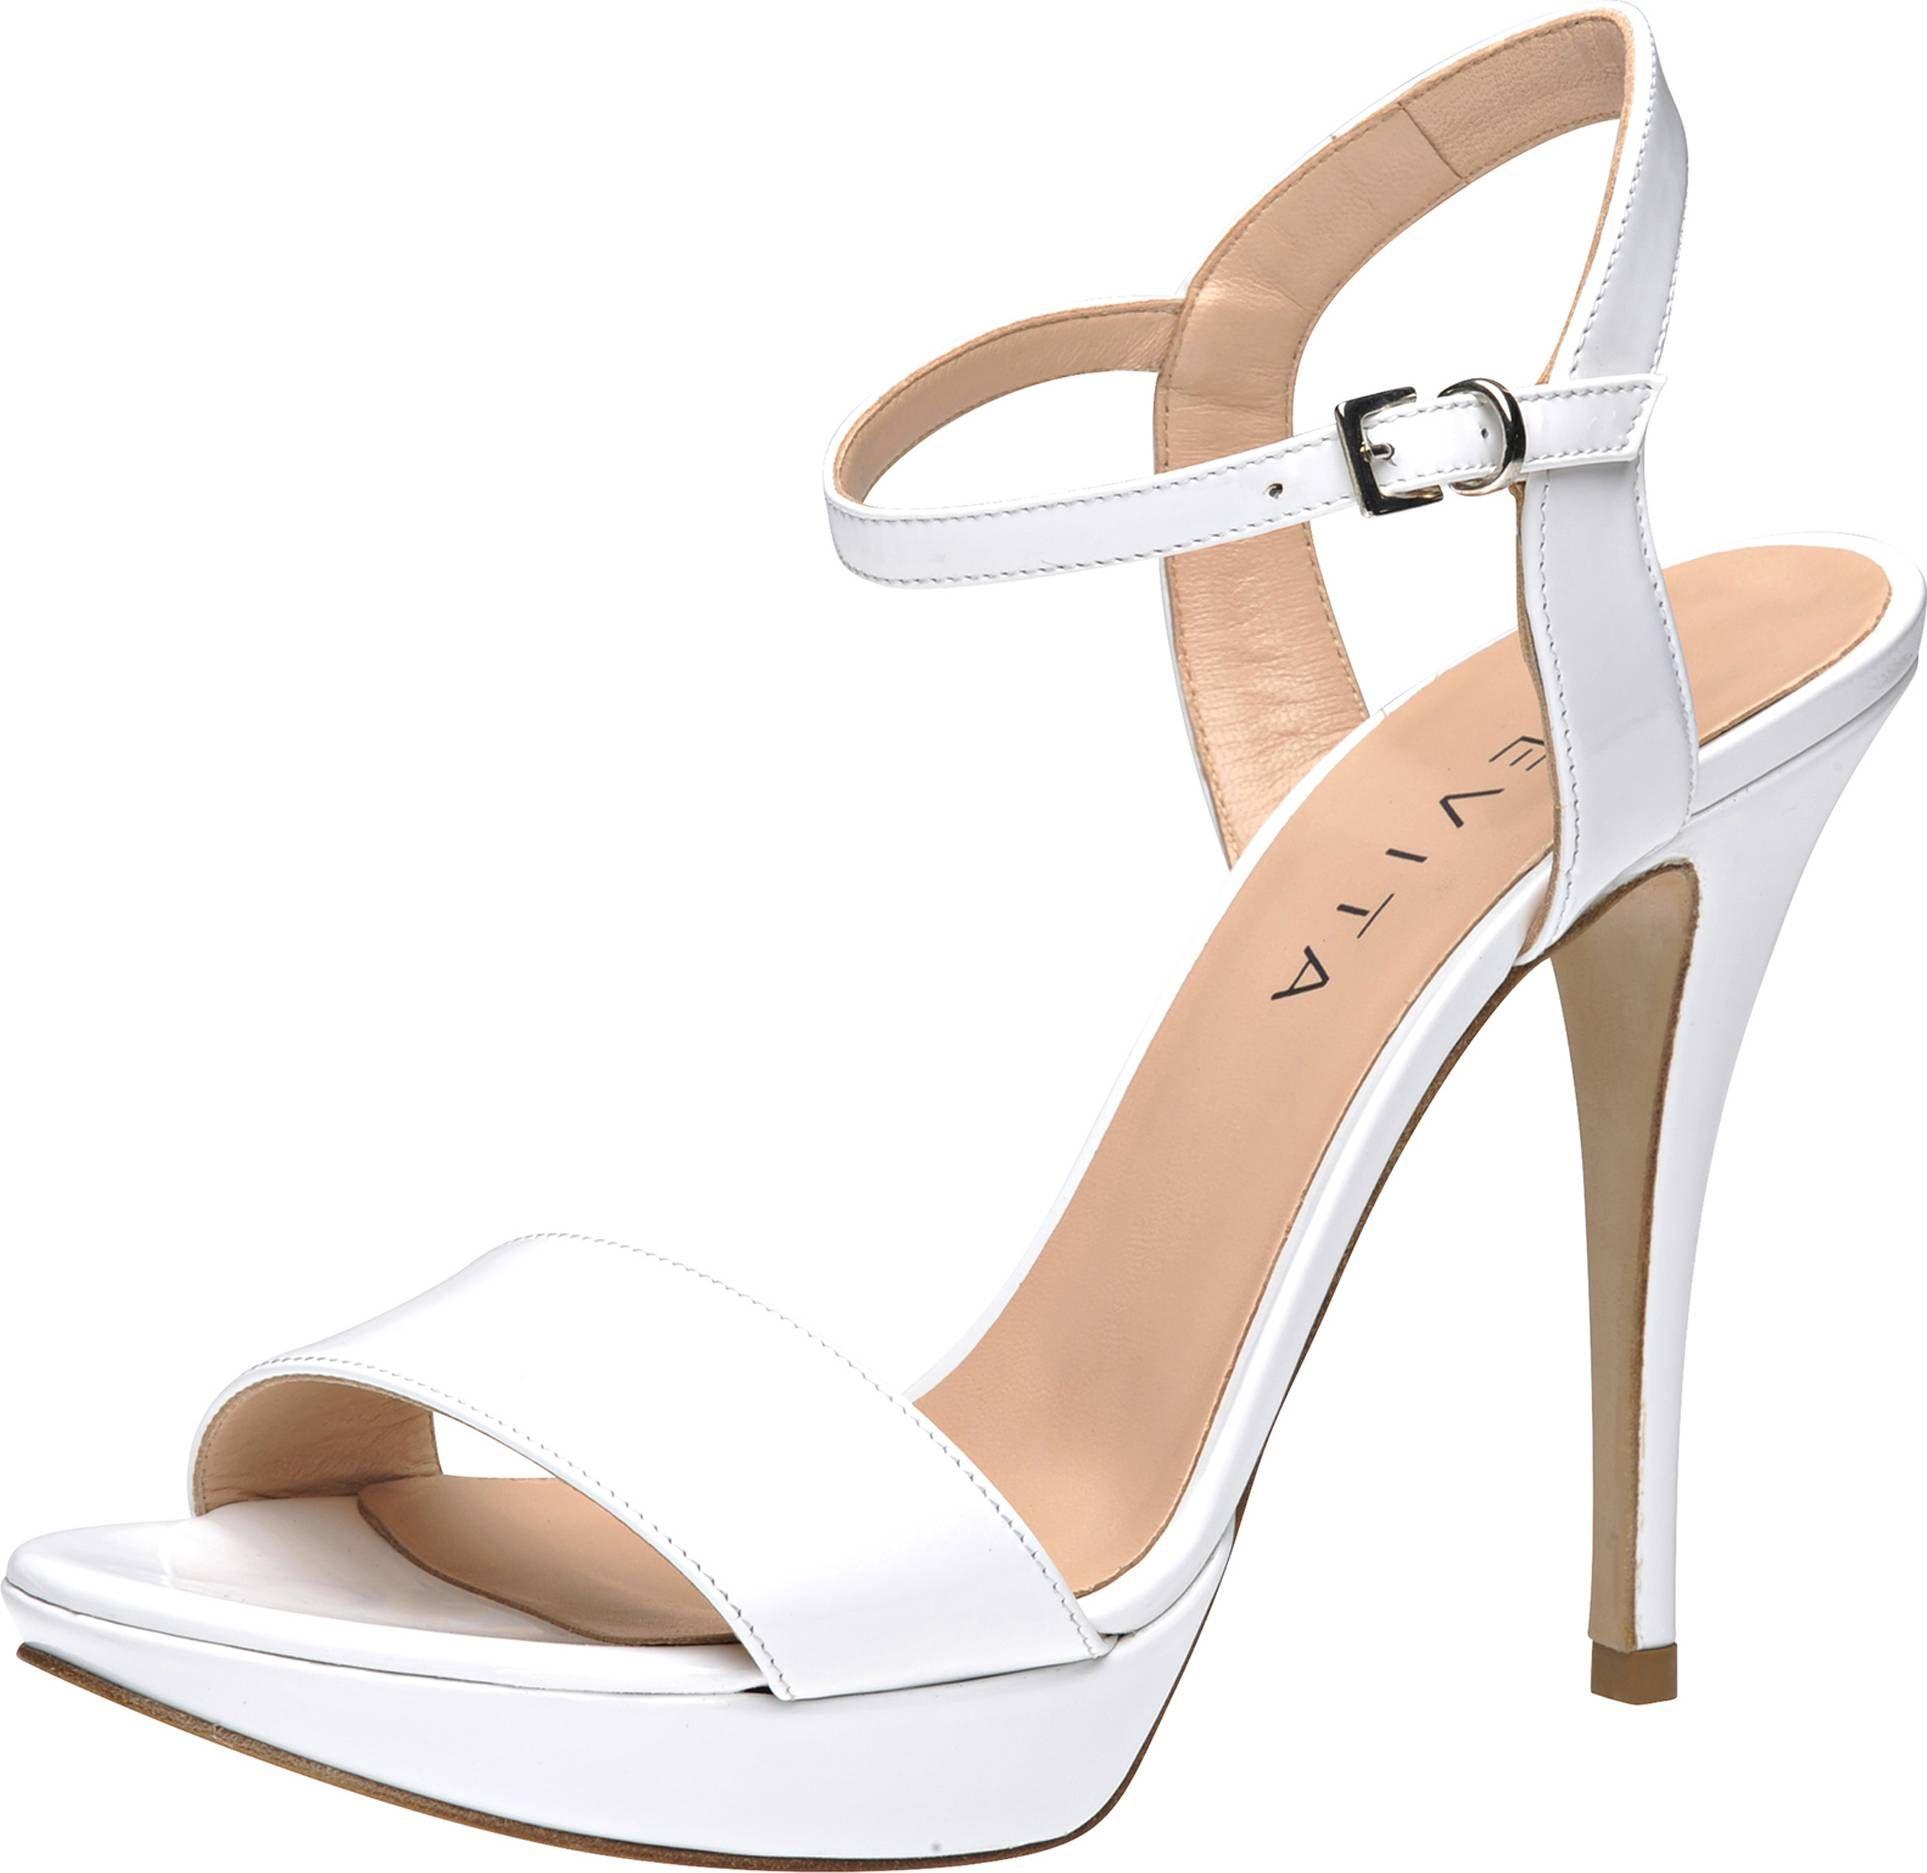 ed1c3231a5e33e Damen Sandalette von Evita Shoes. Schnelle und kostenlose Lieferung. 100  Tage Rückgaberecht.